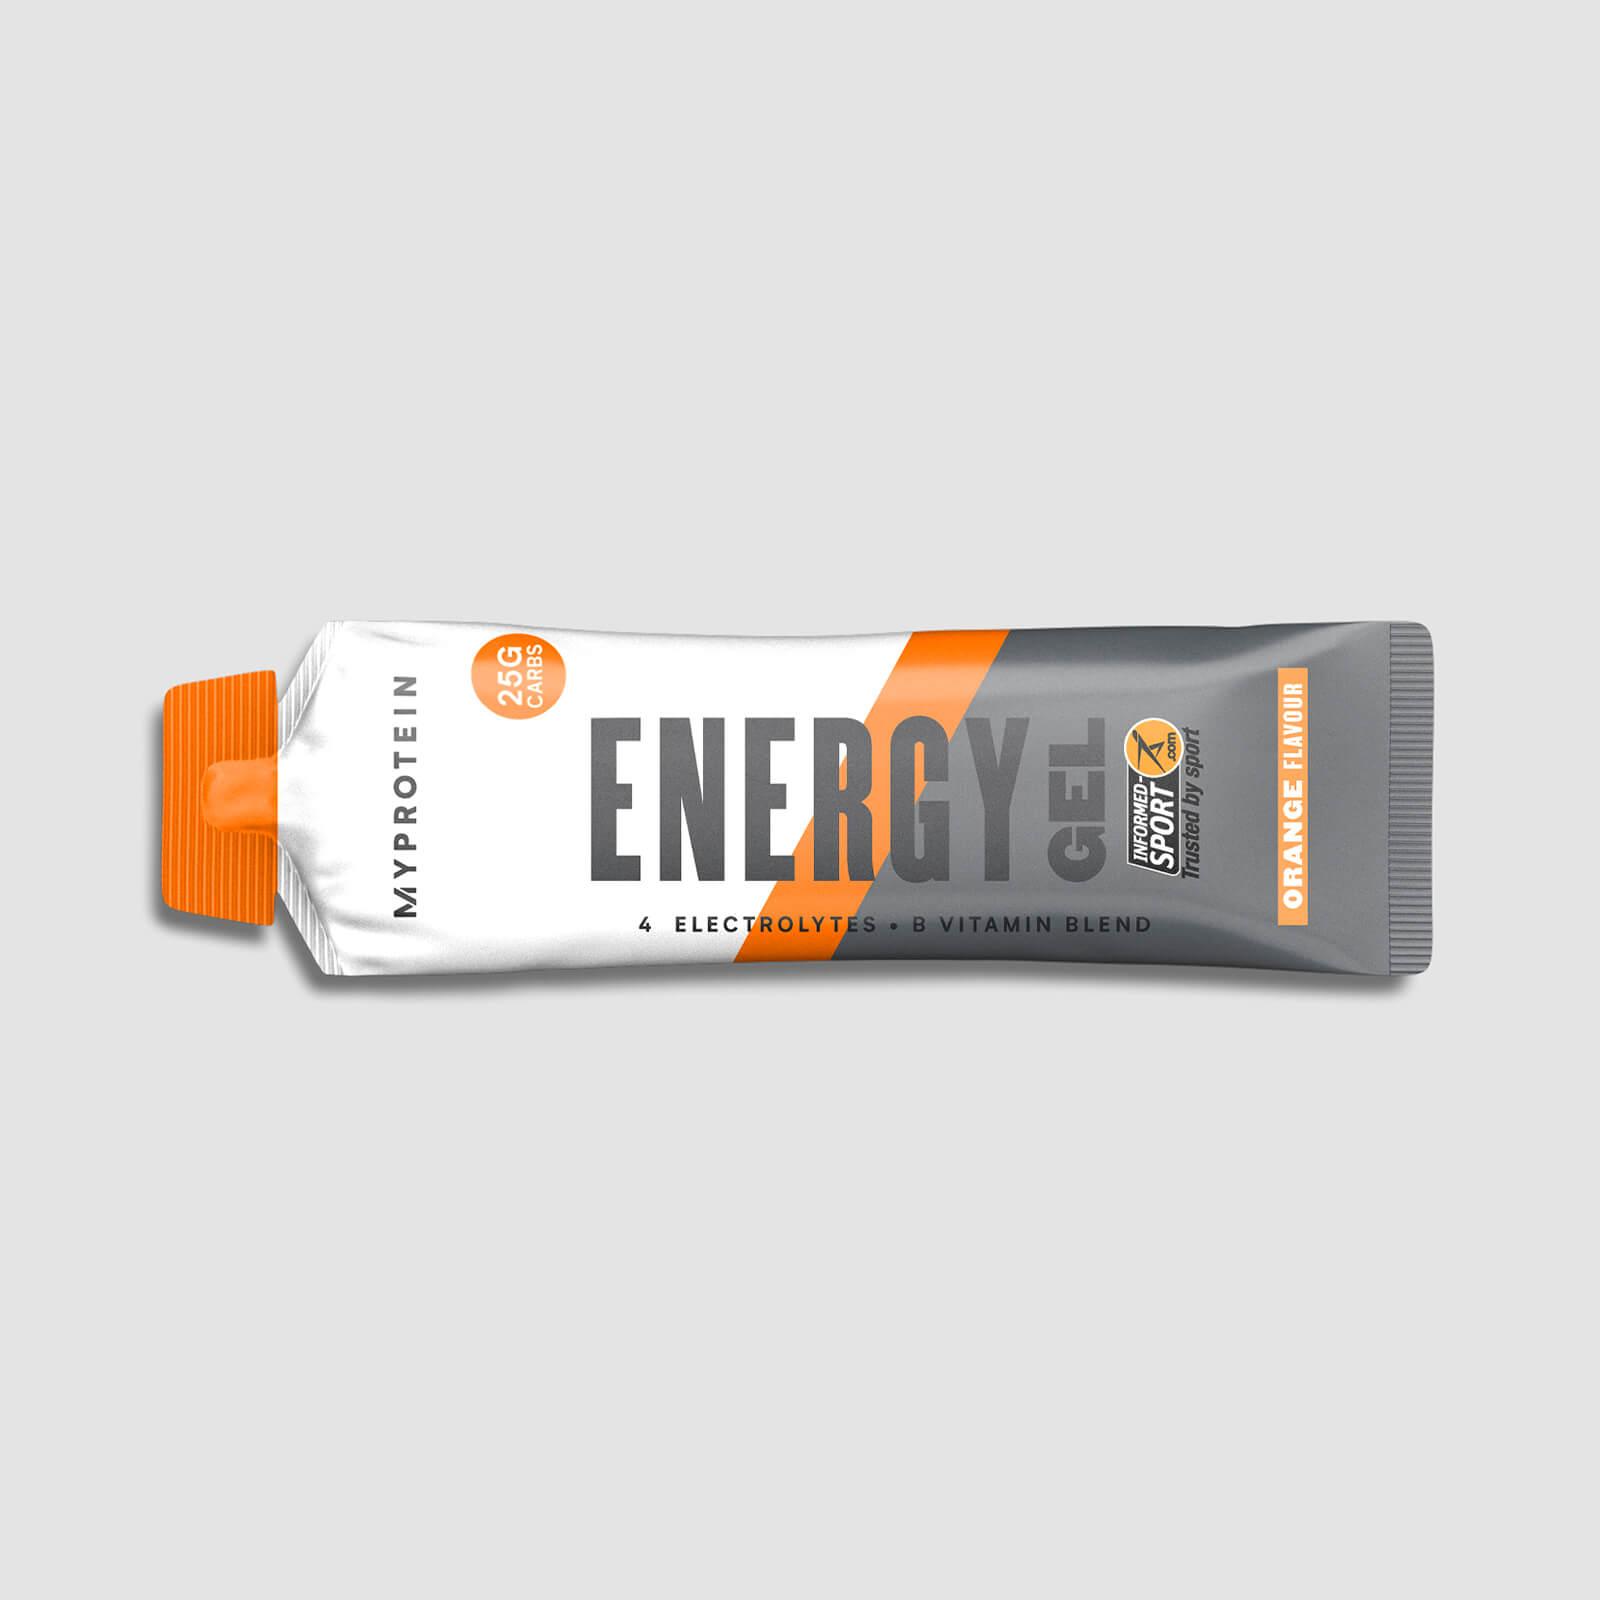 Myprotein Energie Elite, 50g - Orange